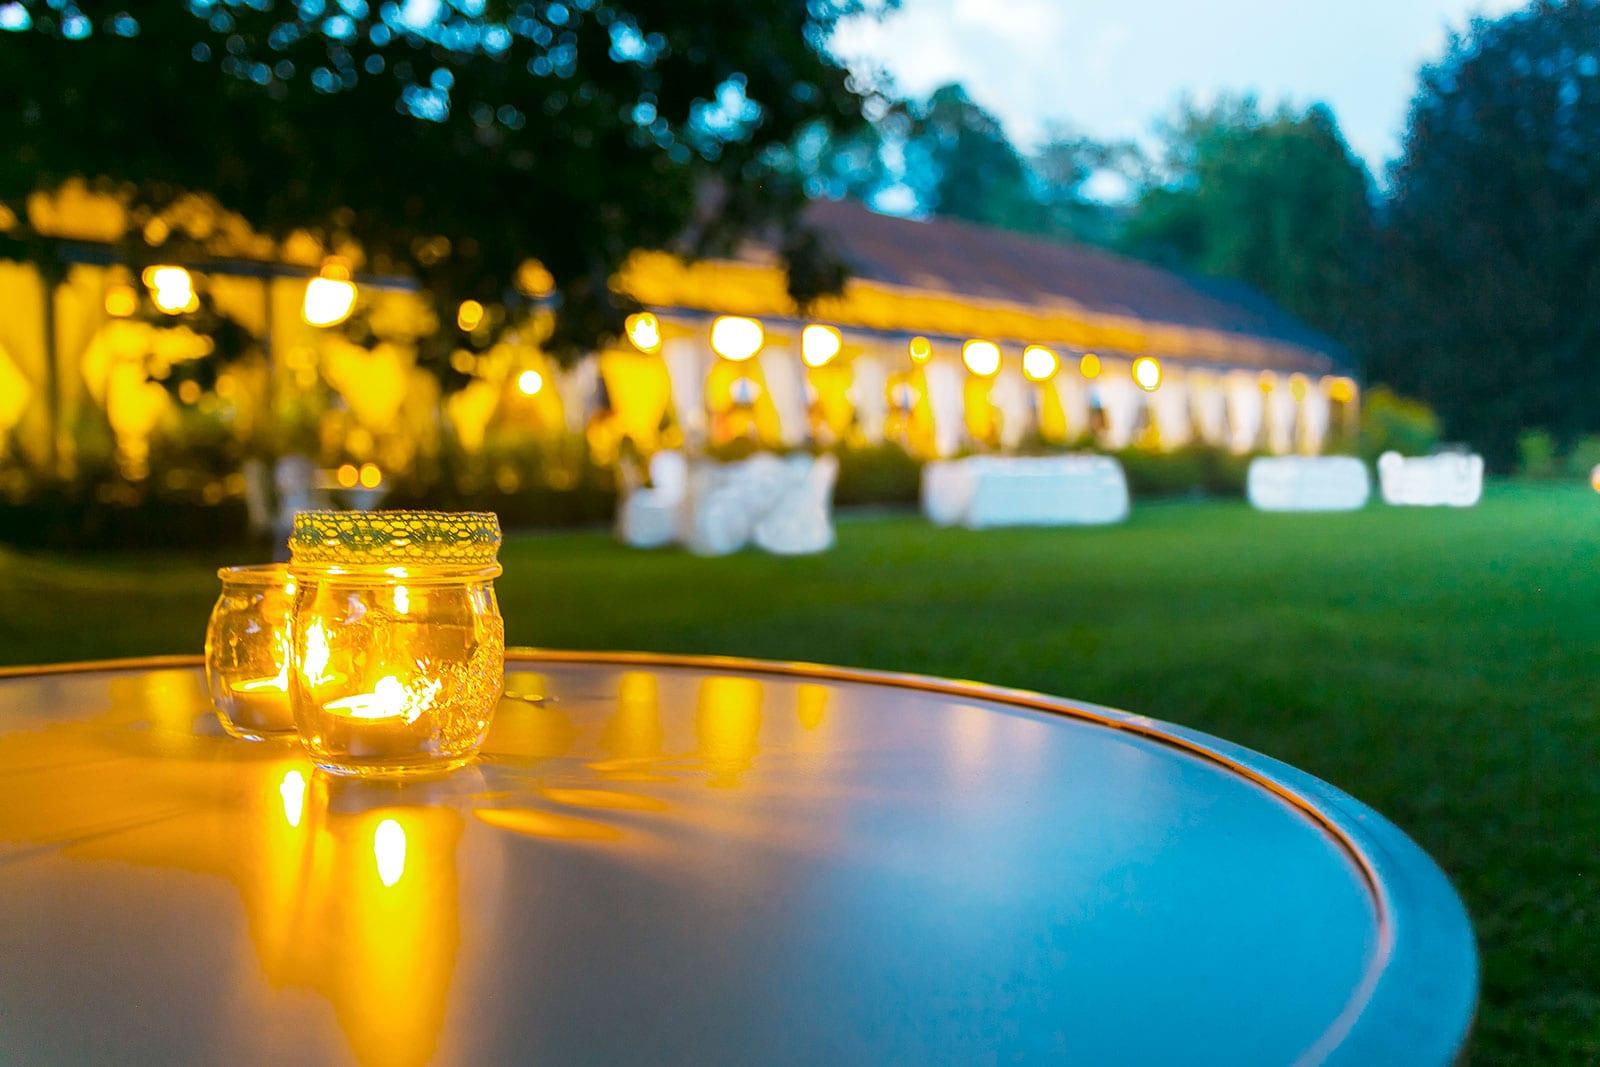 שני נרות על שולחן ומדשאות